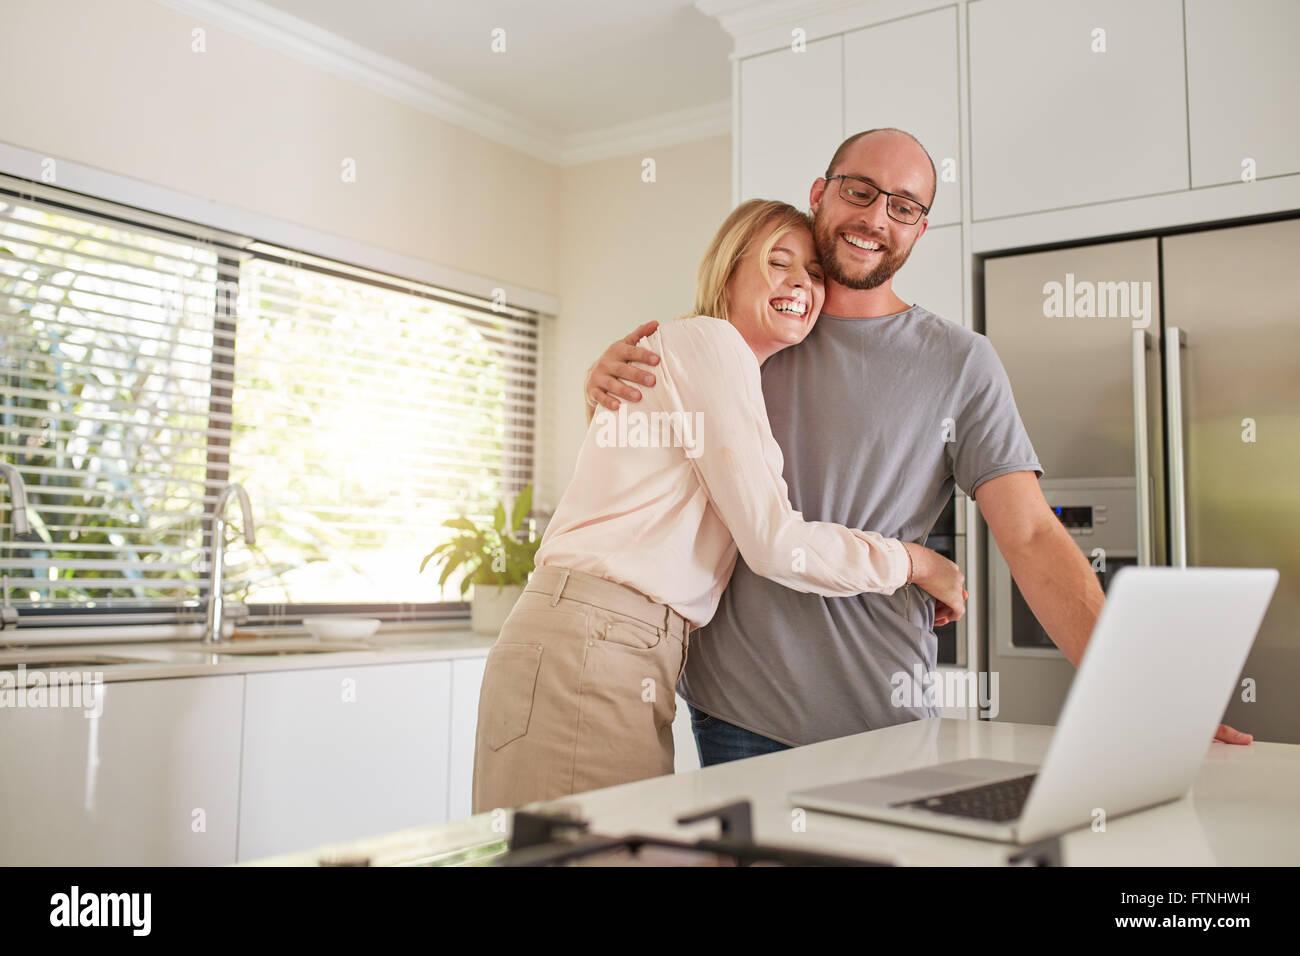 Filmación en interiores de pareja amorosa en la cocina con un portátil. Hombre y mujer madura abrazándose Imagen De Stock